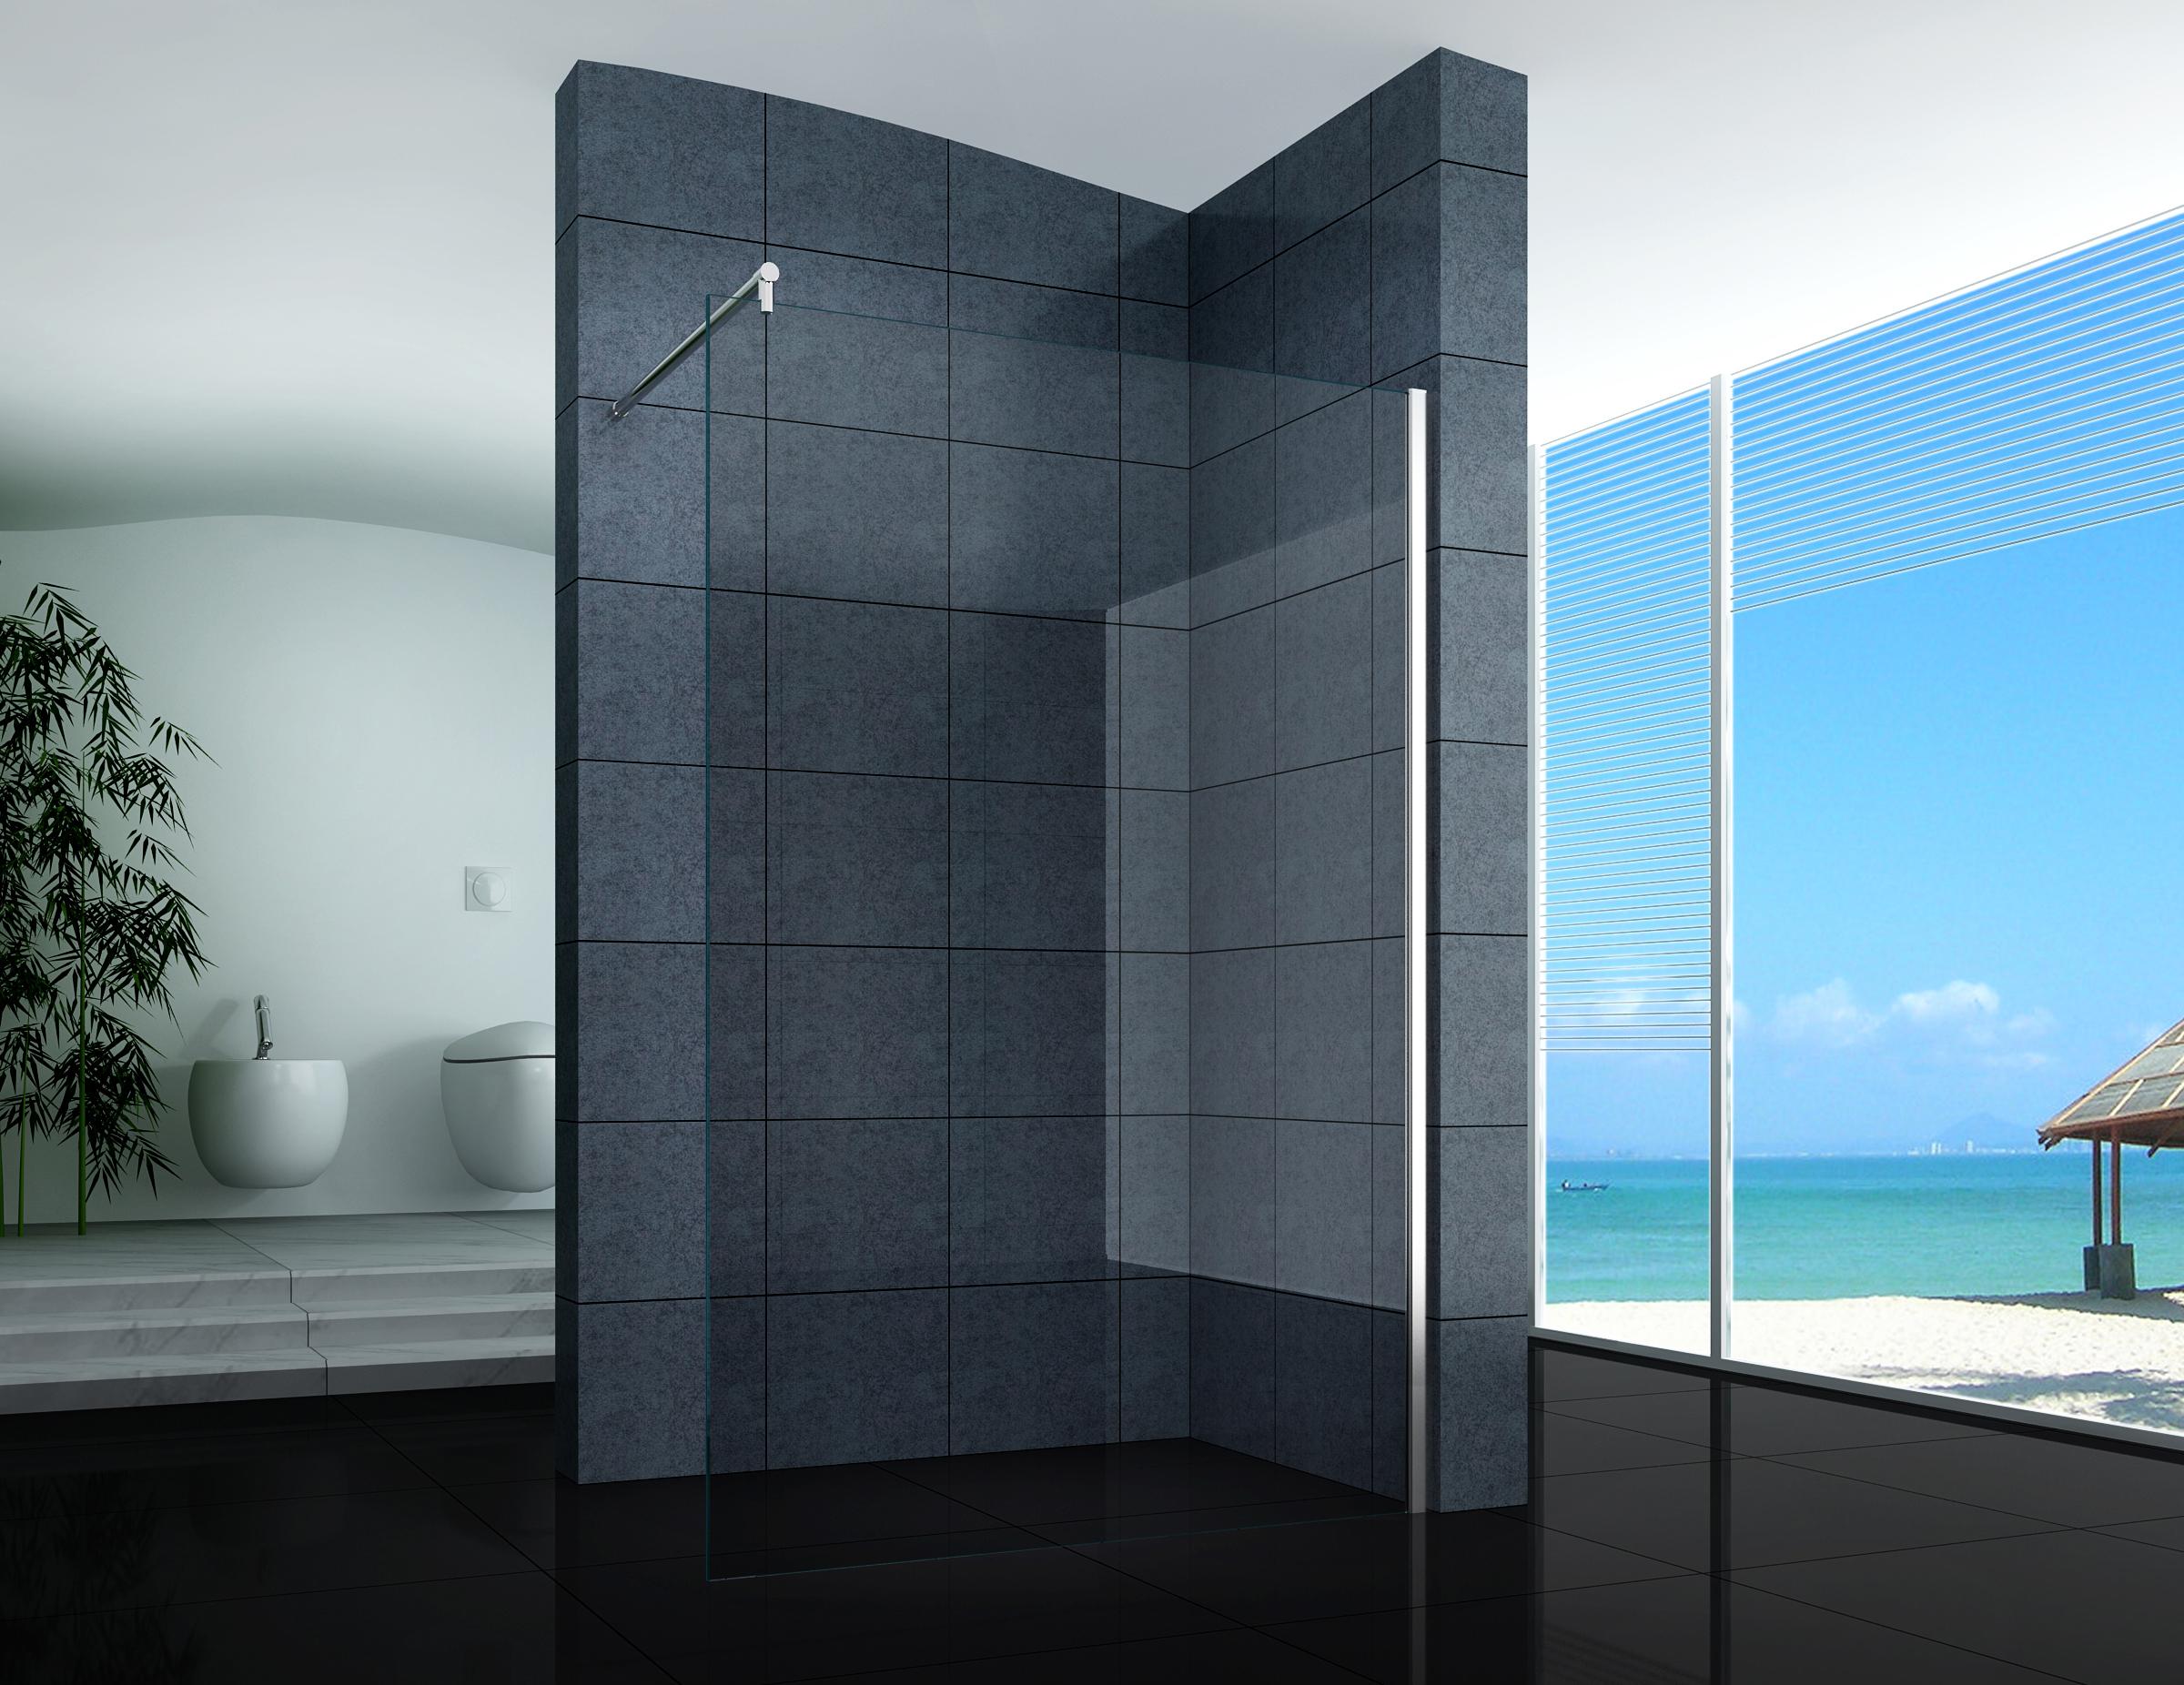 ikea wandregal milchglas inspirierendes. Black Bedroom Furniture Sets. Home Design Ideas